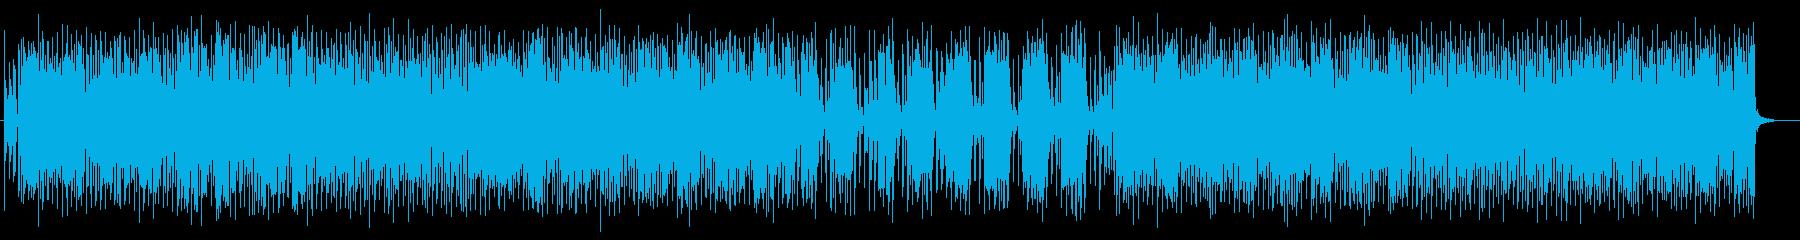 ユニークで愉快なポップミュージックの再生済みの波形